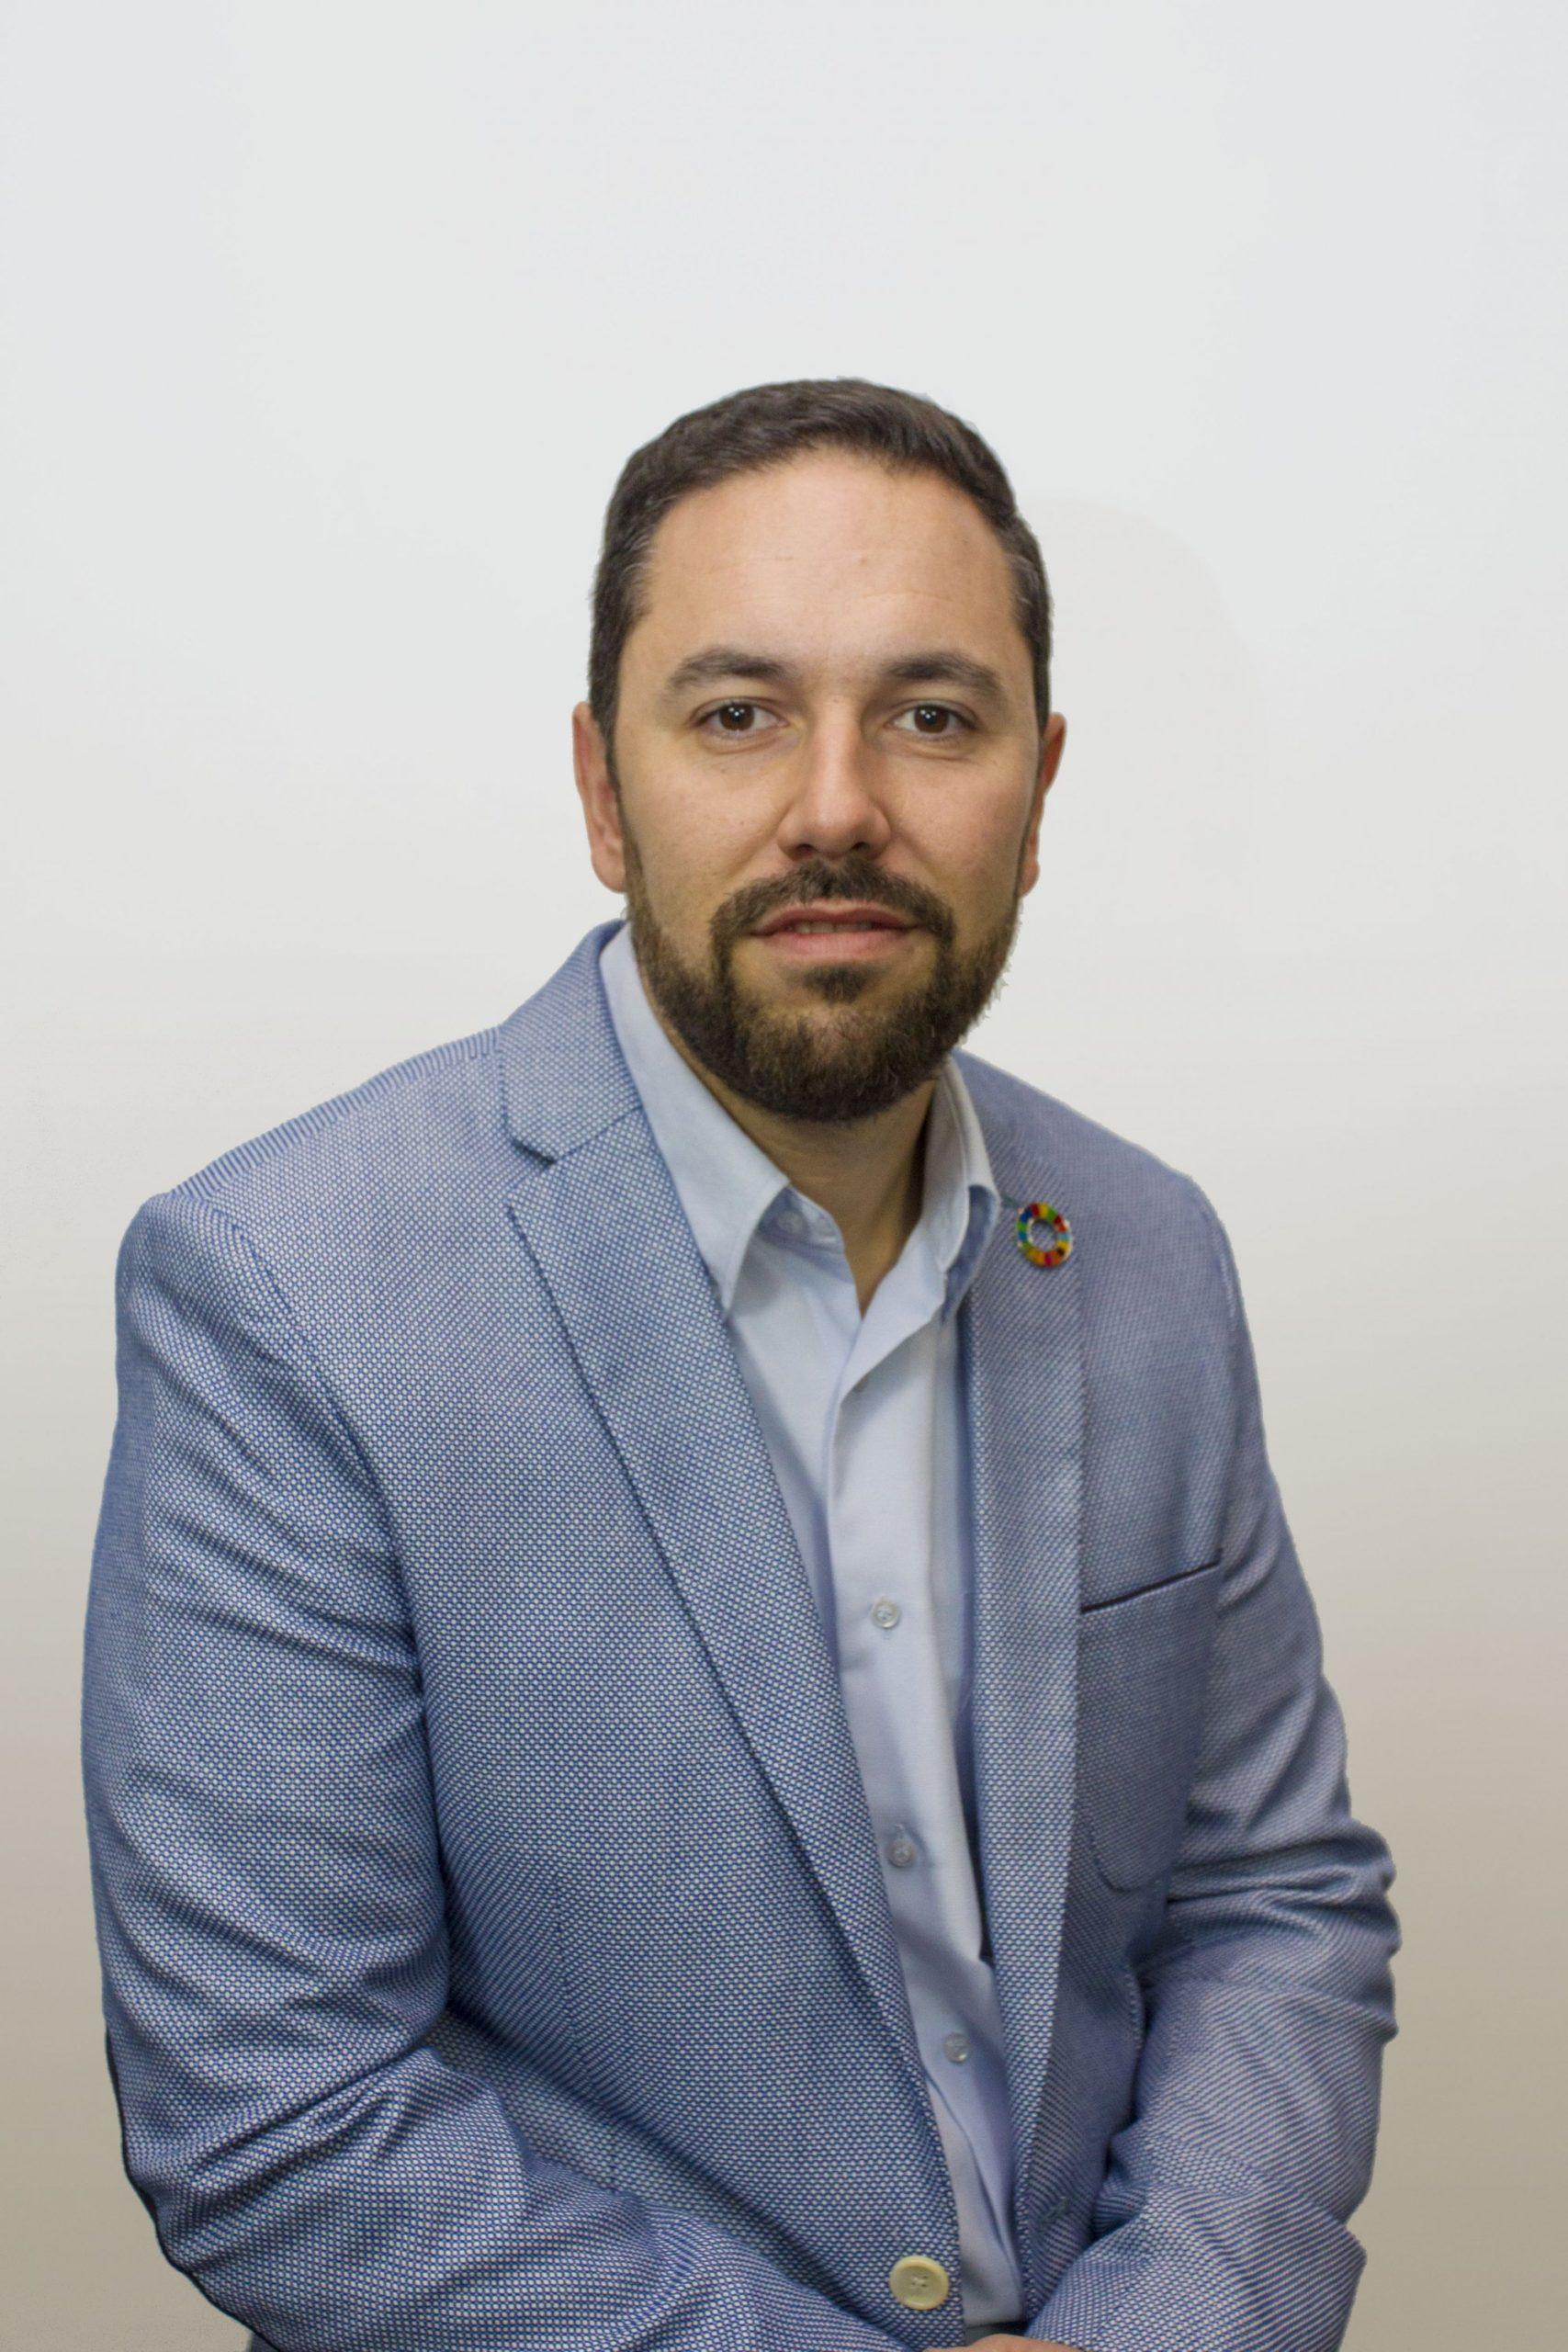 Manuel Olmo Prieto